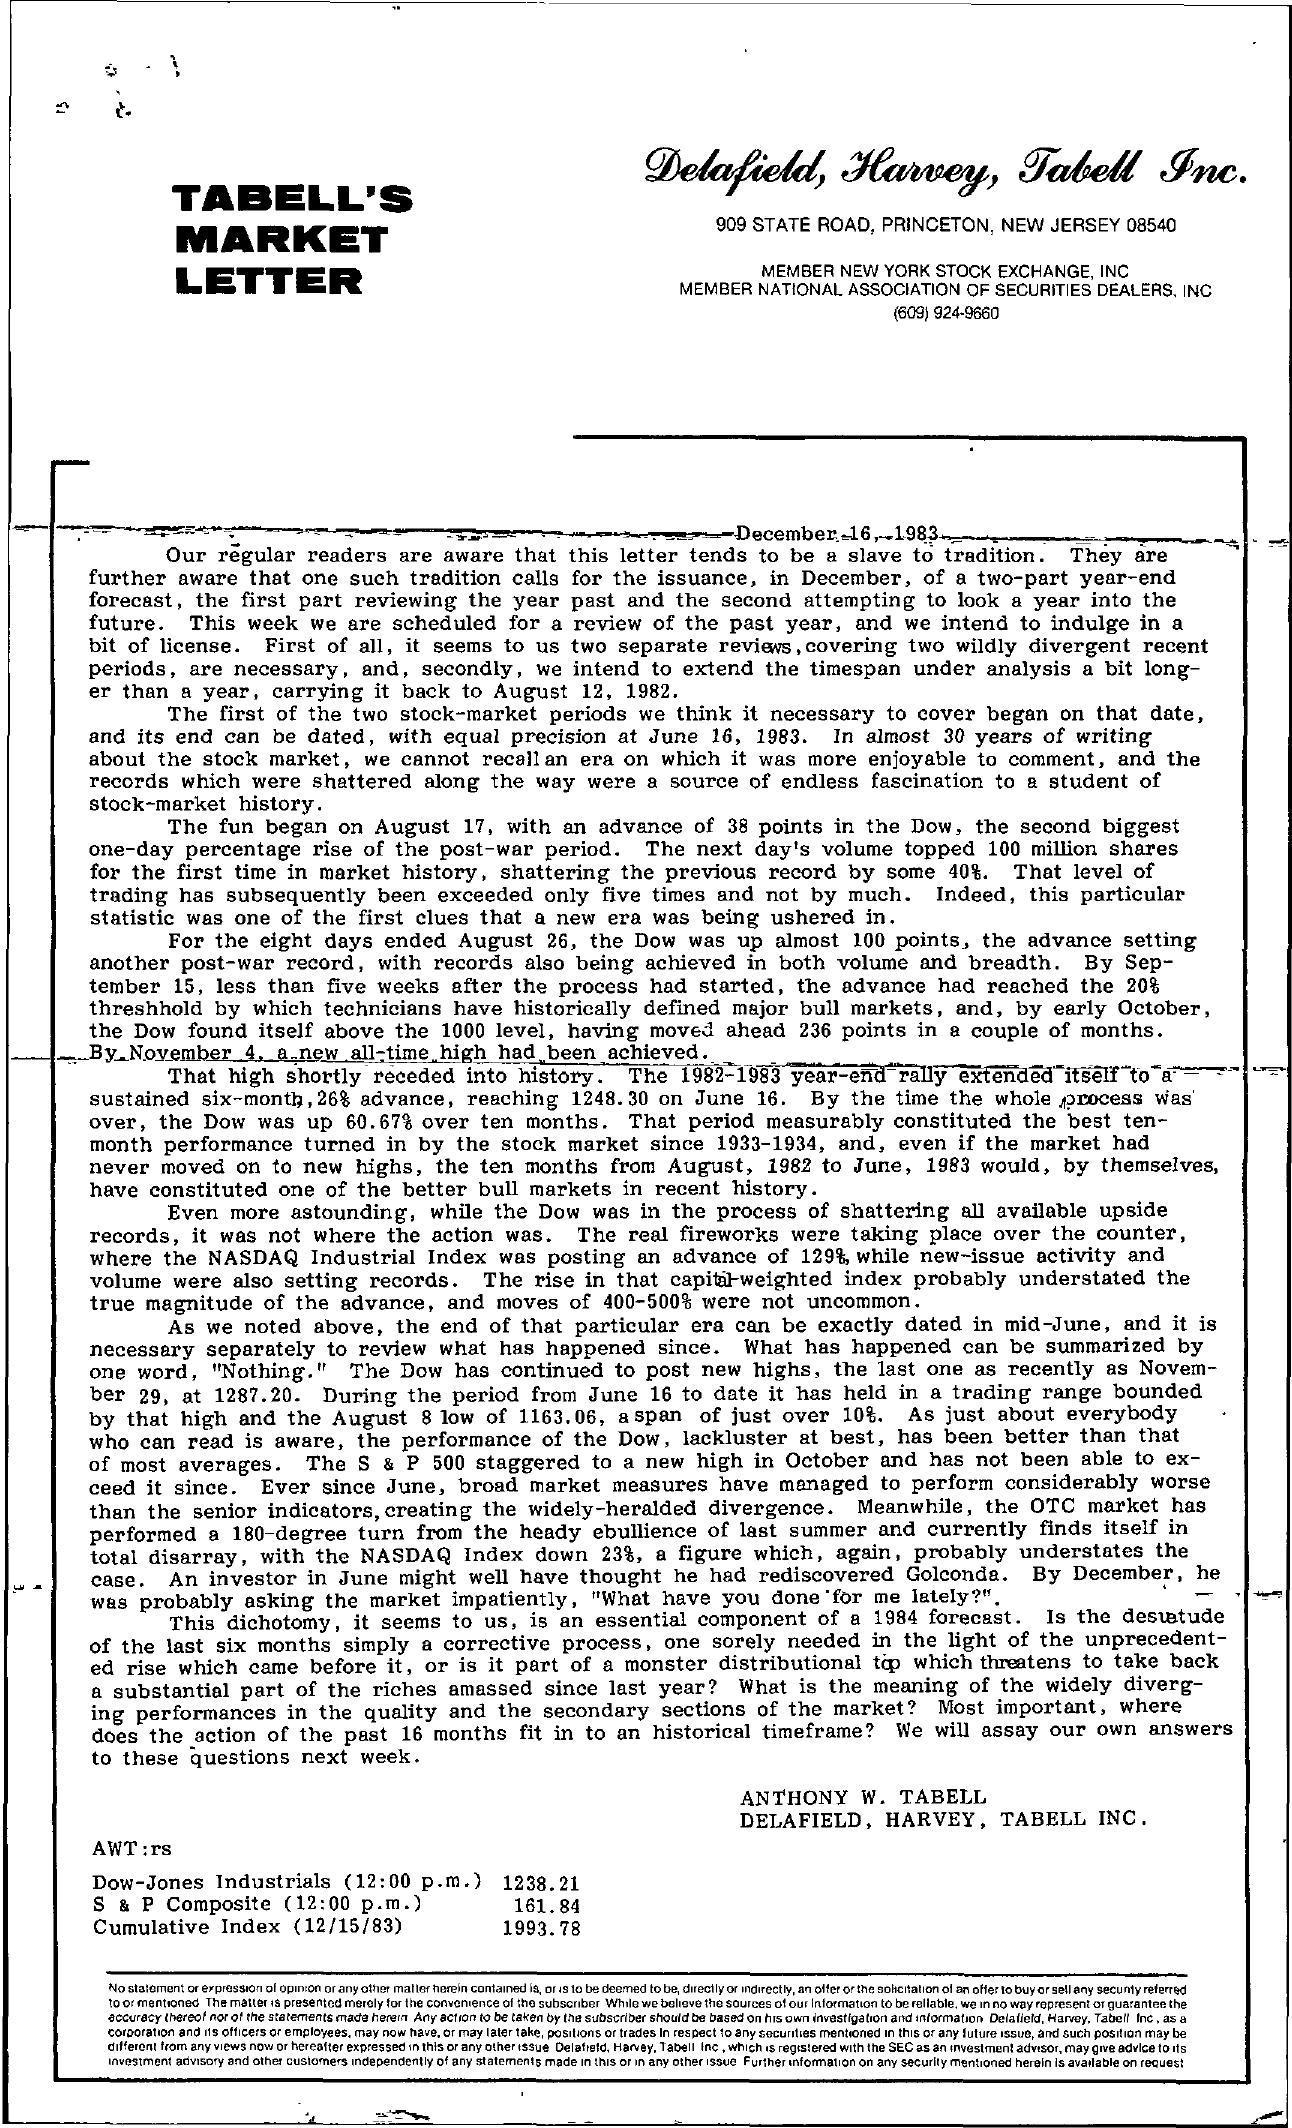 Tabell's Market Letter - December 16, 1983